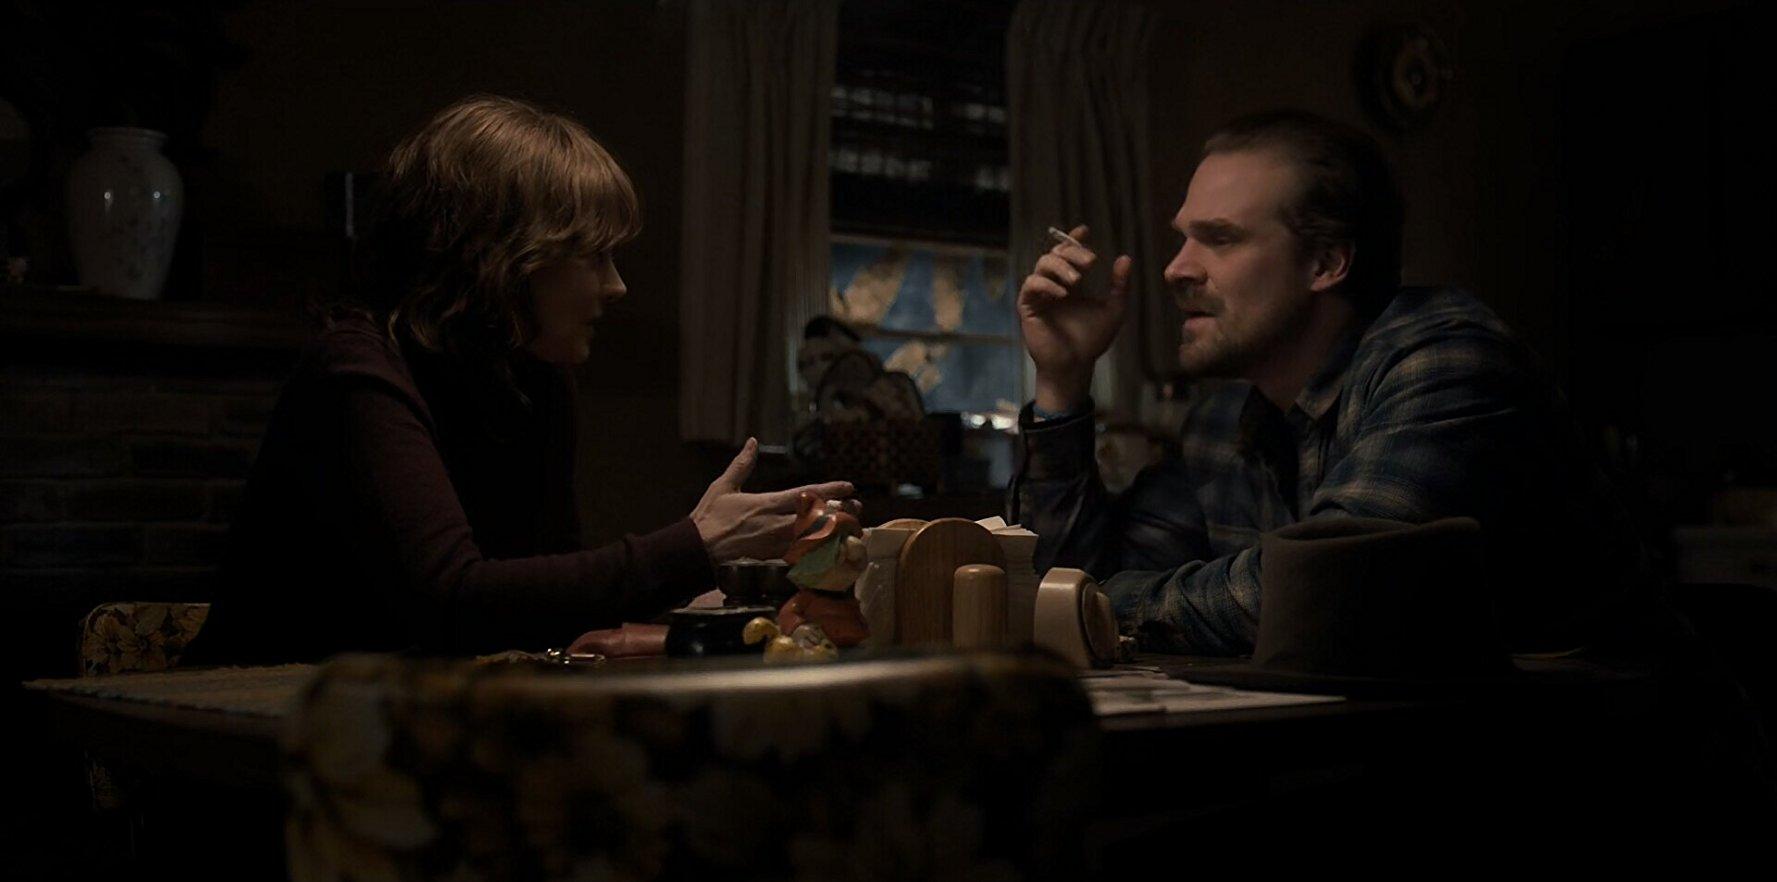 American Horror Story Cenas Quentes por cenas com cigarro, netflix é criticada por organização